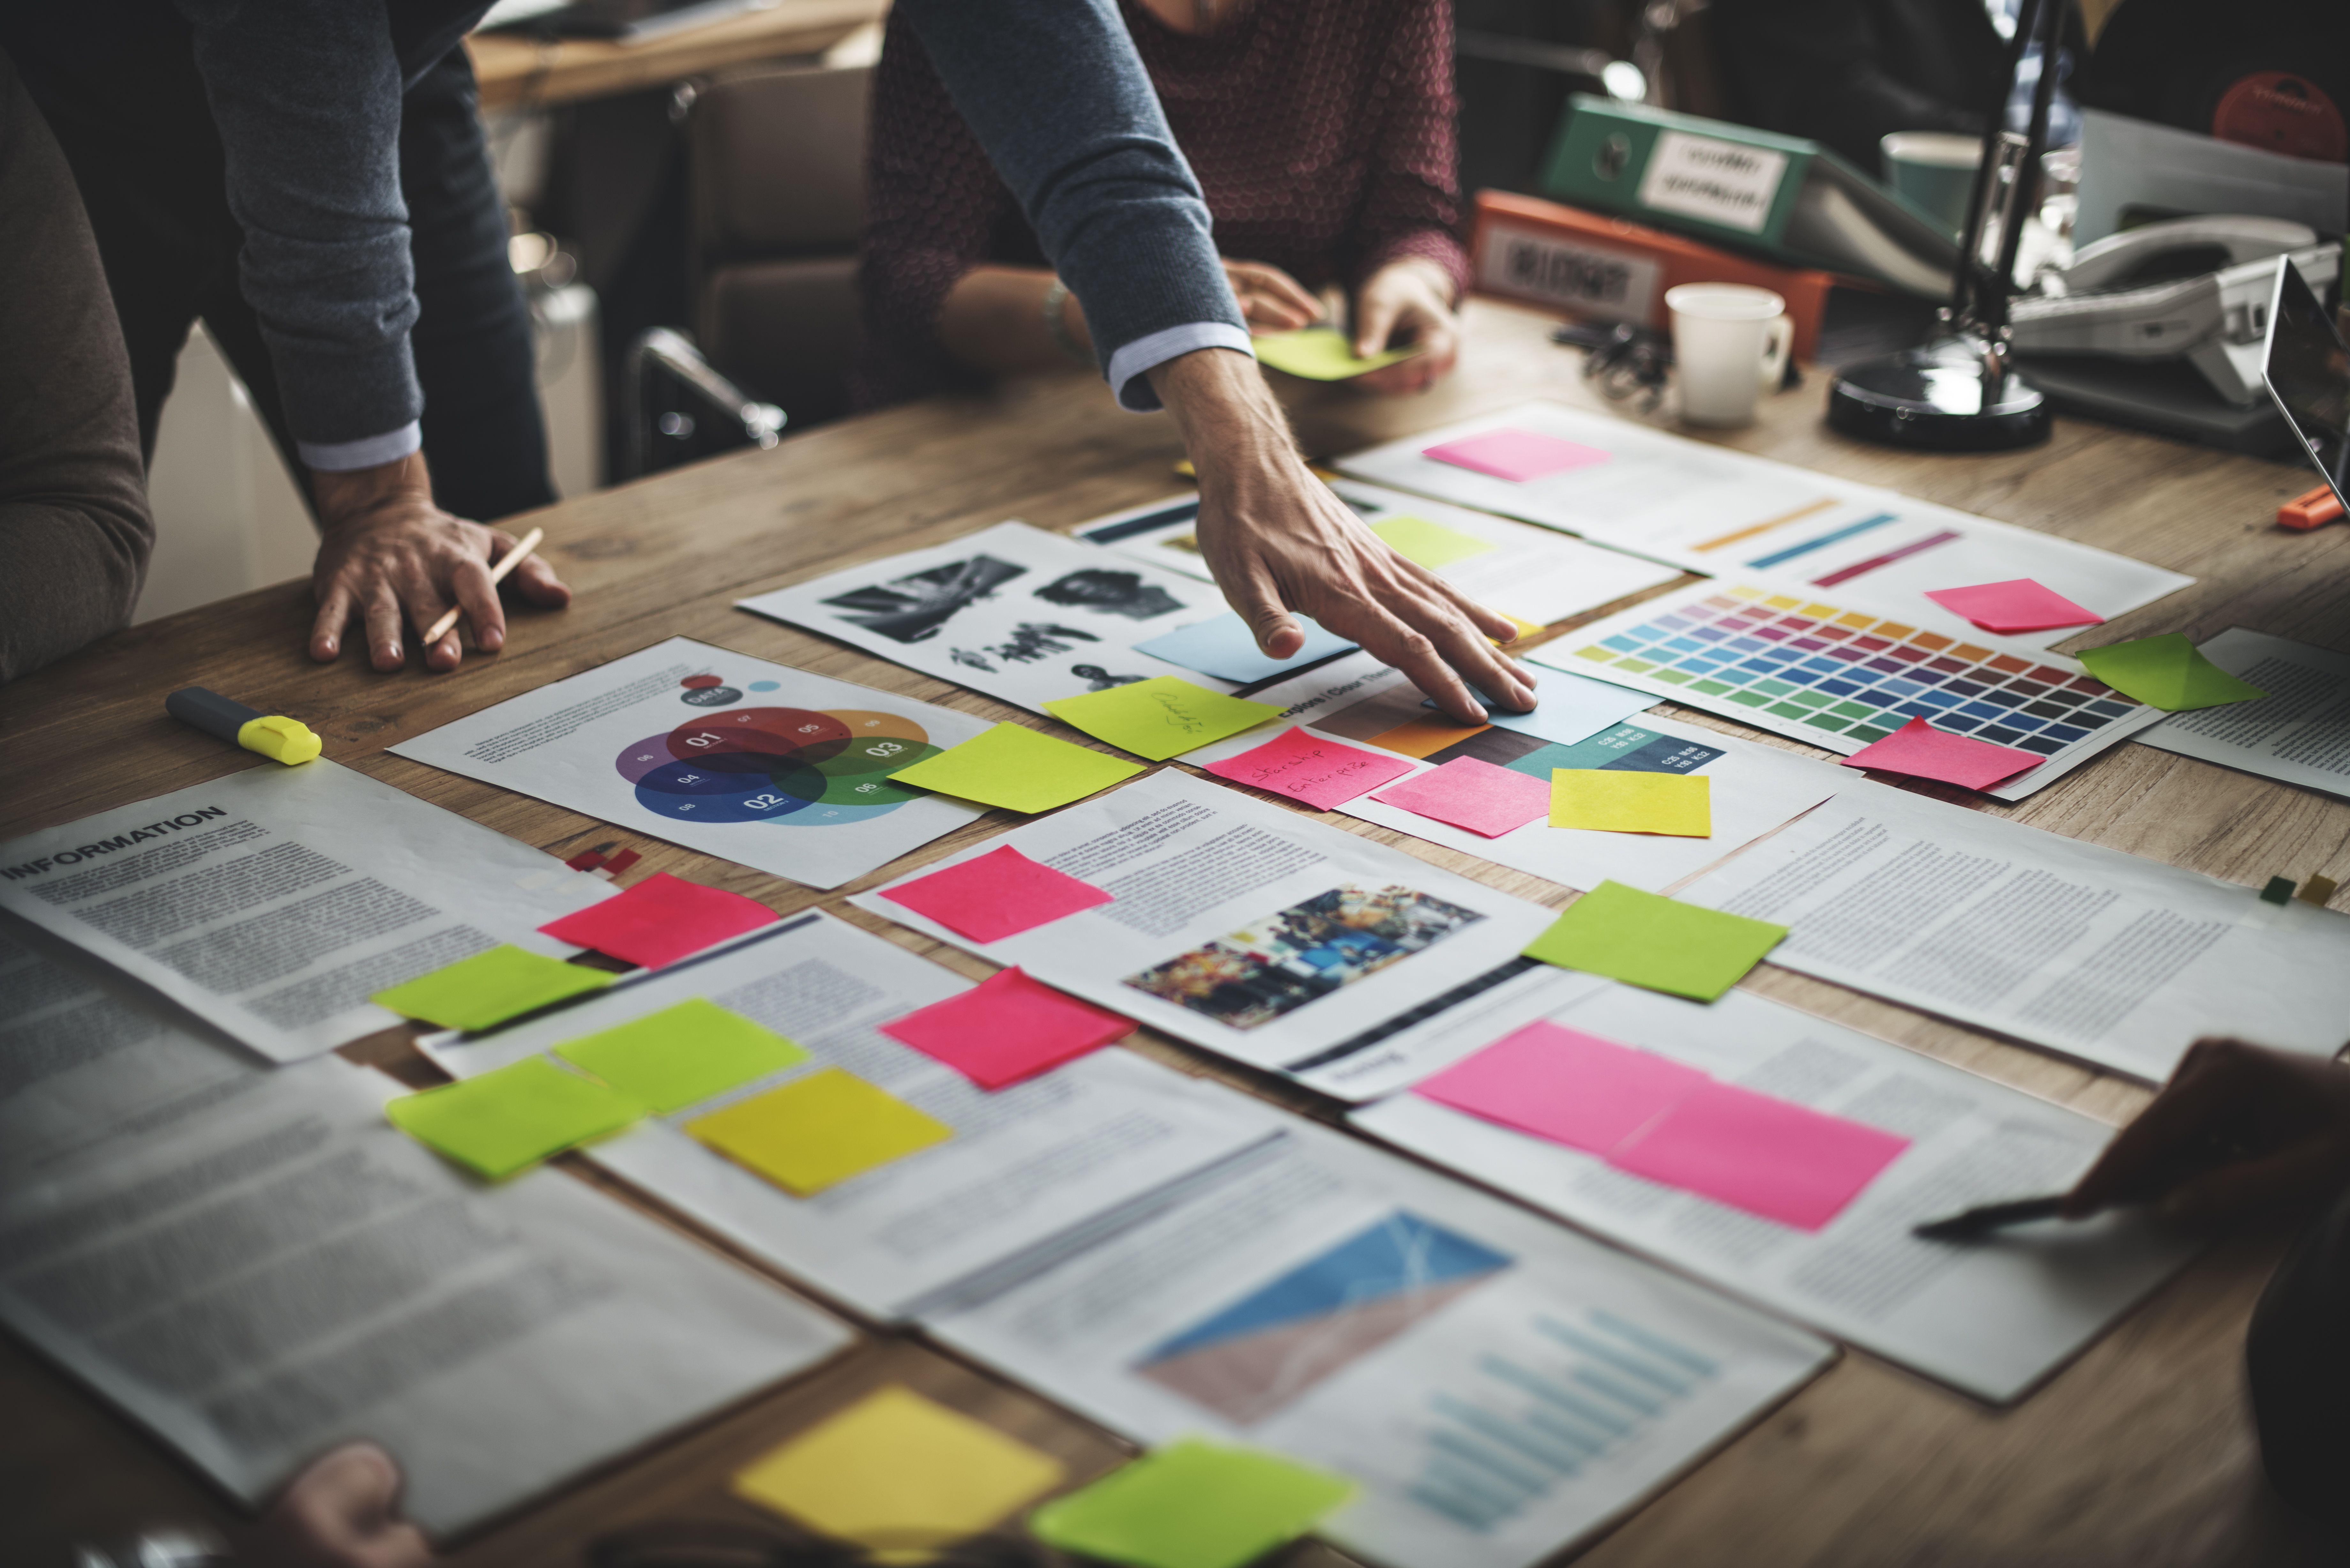 Dobra agencja eventowa – jak znaleźć najlepszą?